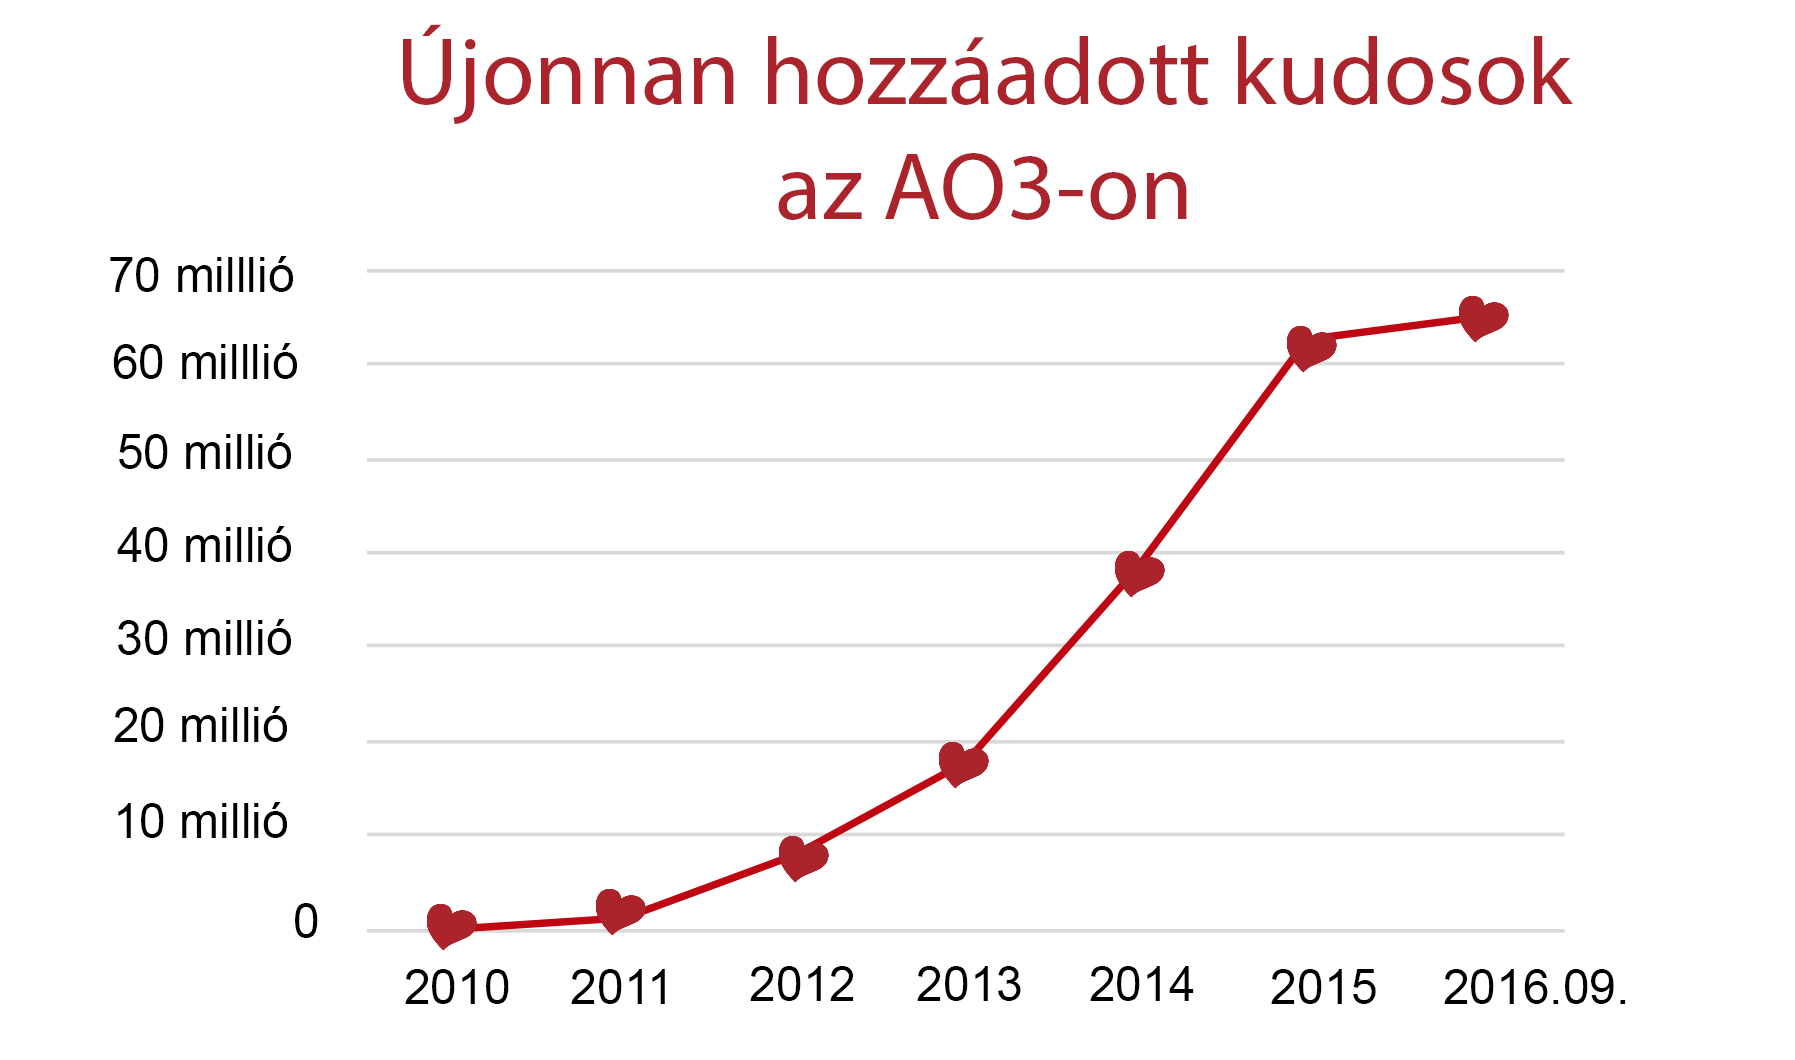 Az AO3-as kudosok növekedését ábrázoló grafikon, ami a 2010-es nullától indul, és a 2016. szeptemberi több mint 60 millióig tart.